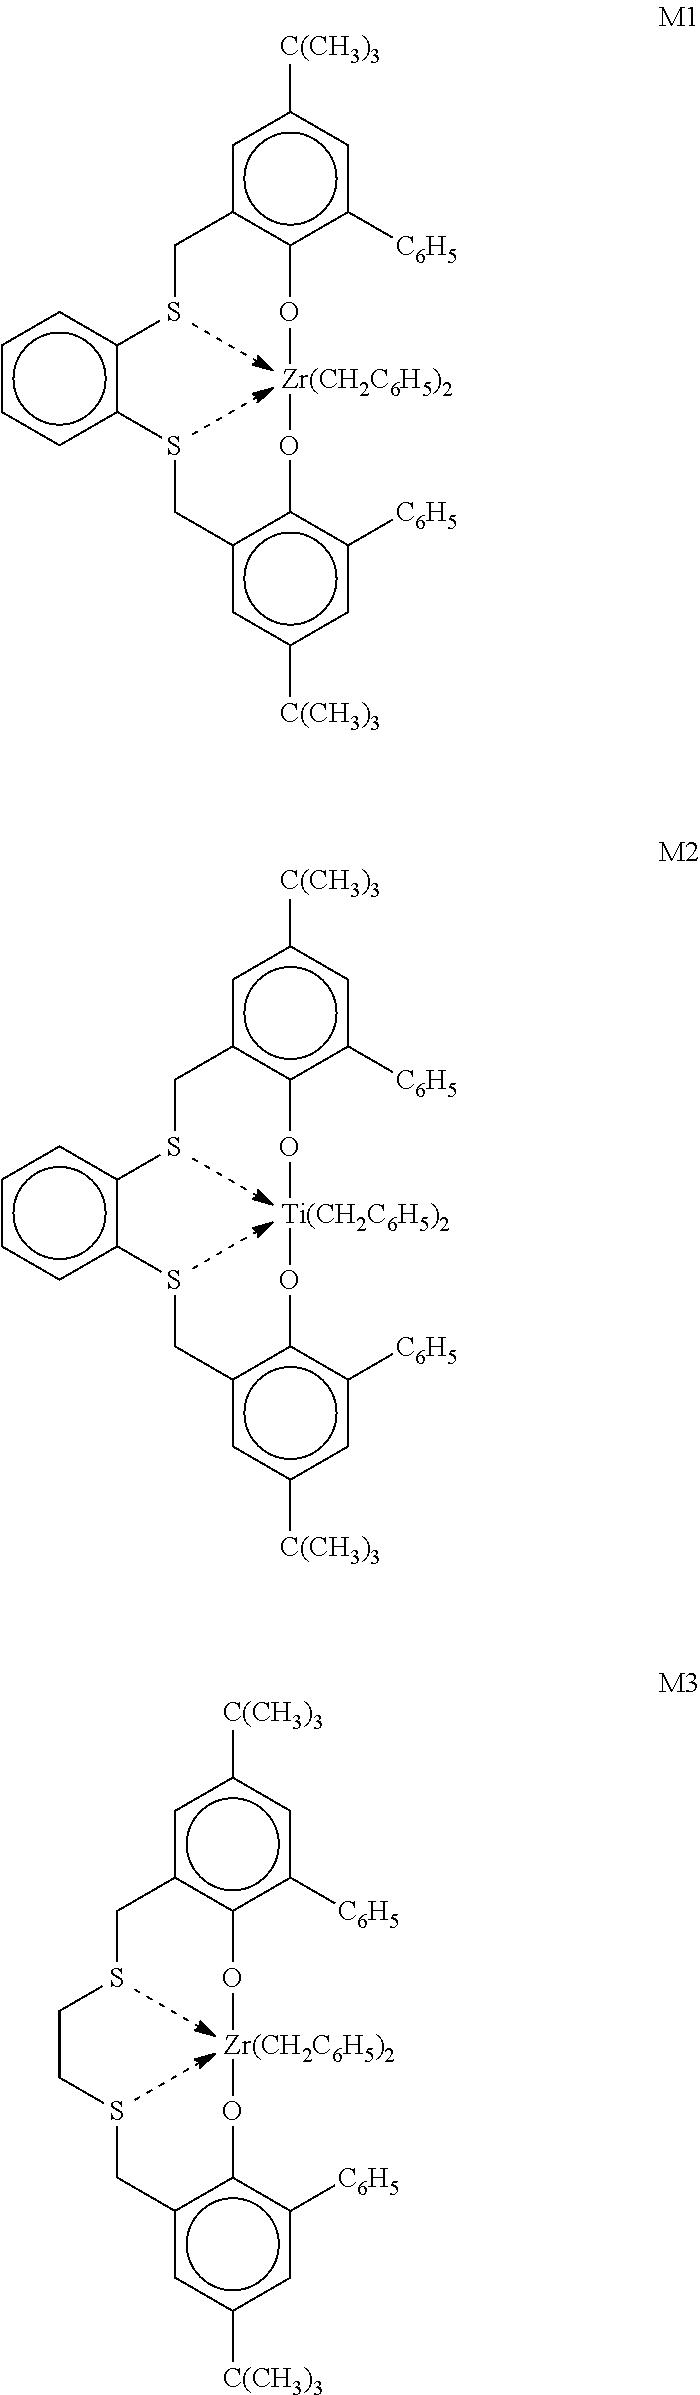 Figure US20120029159A1-20120202-C00028